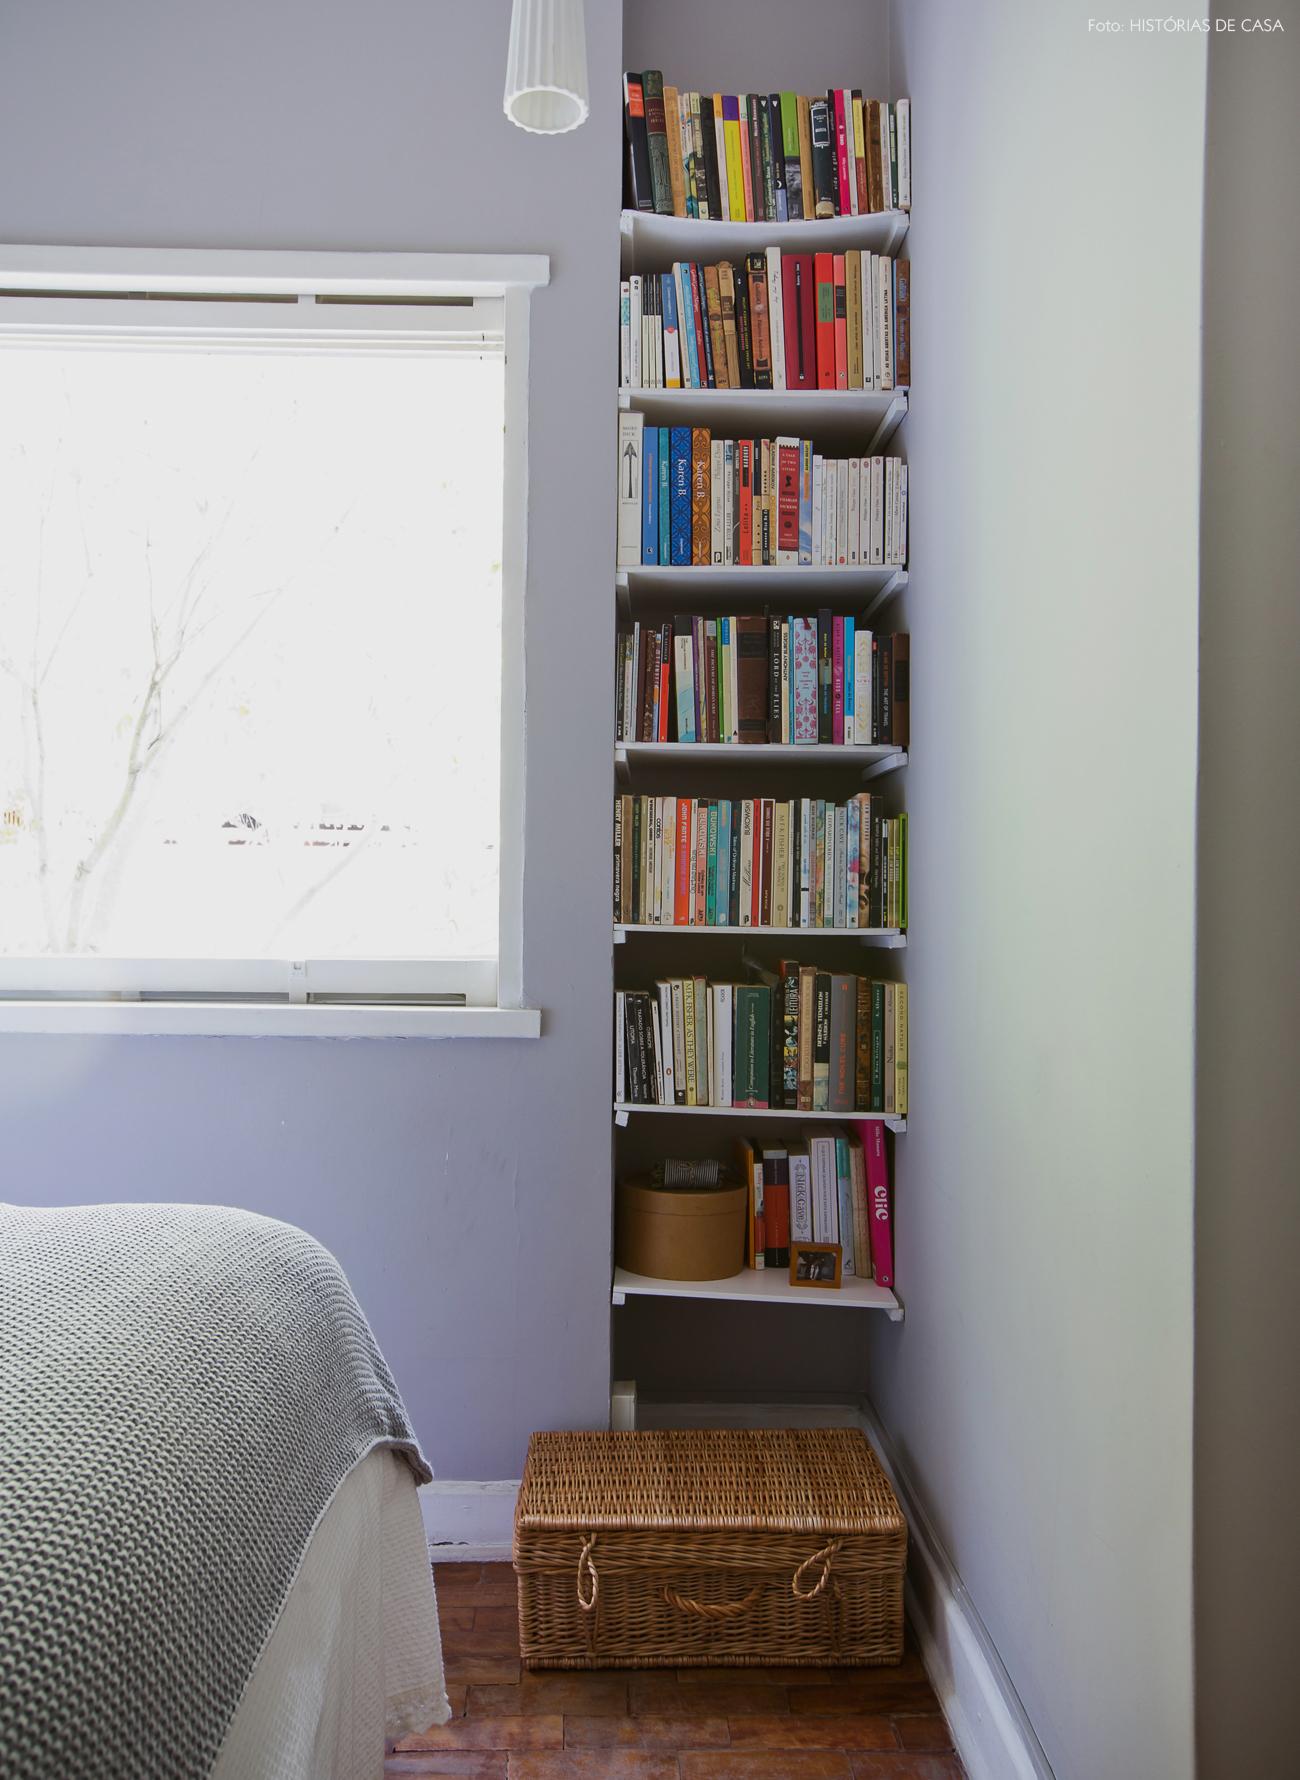 41-decoracao-quarto-casal-estante-livros-nicho-alvenaria